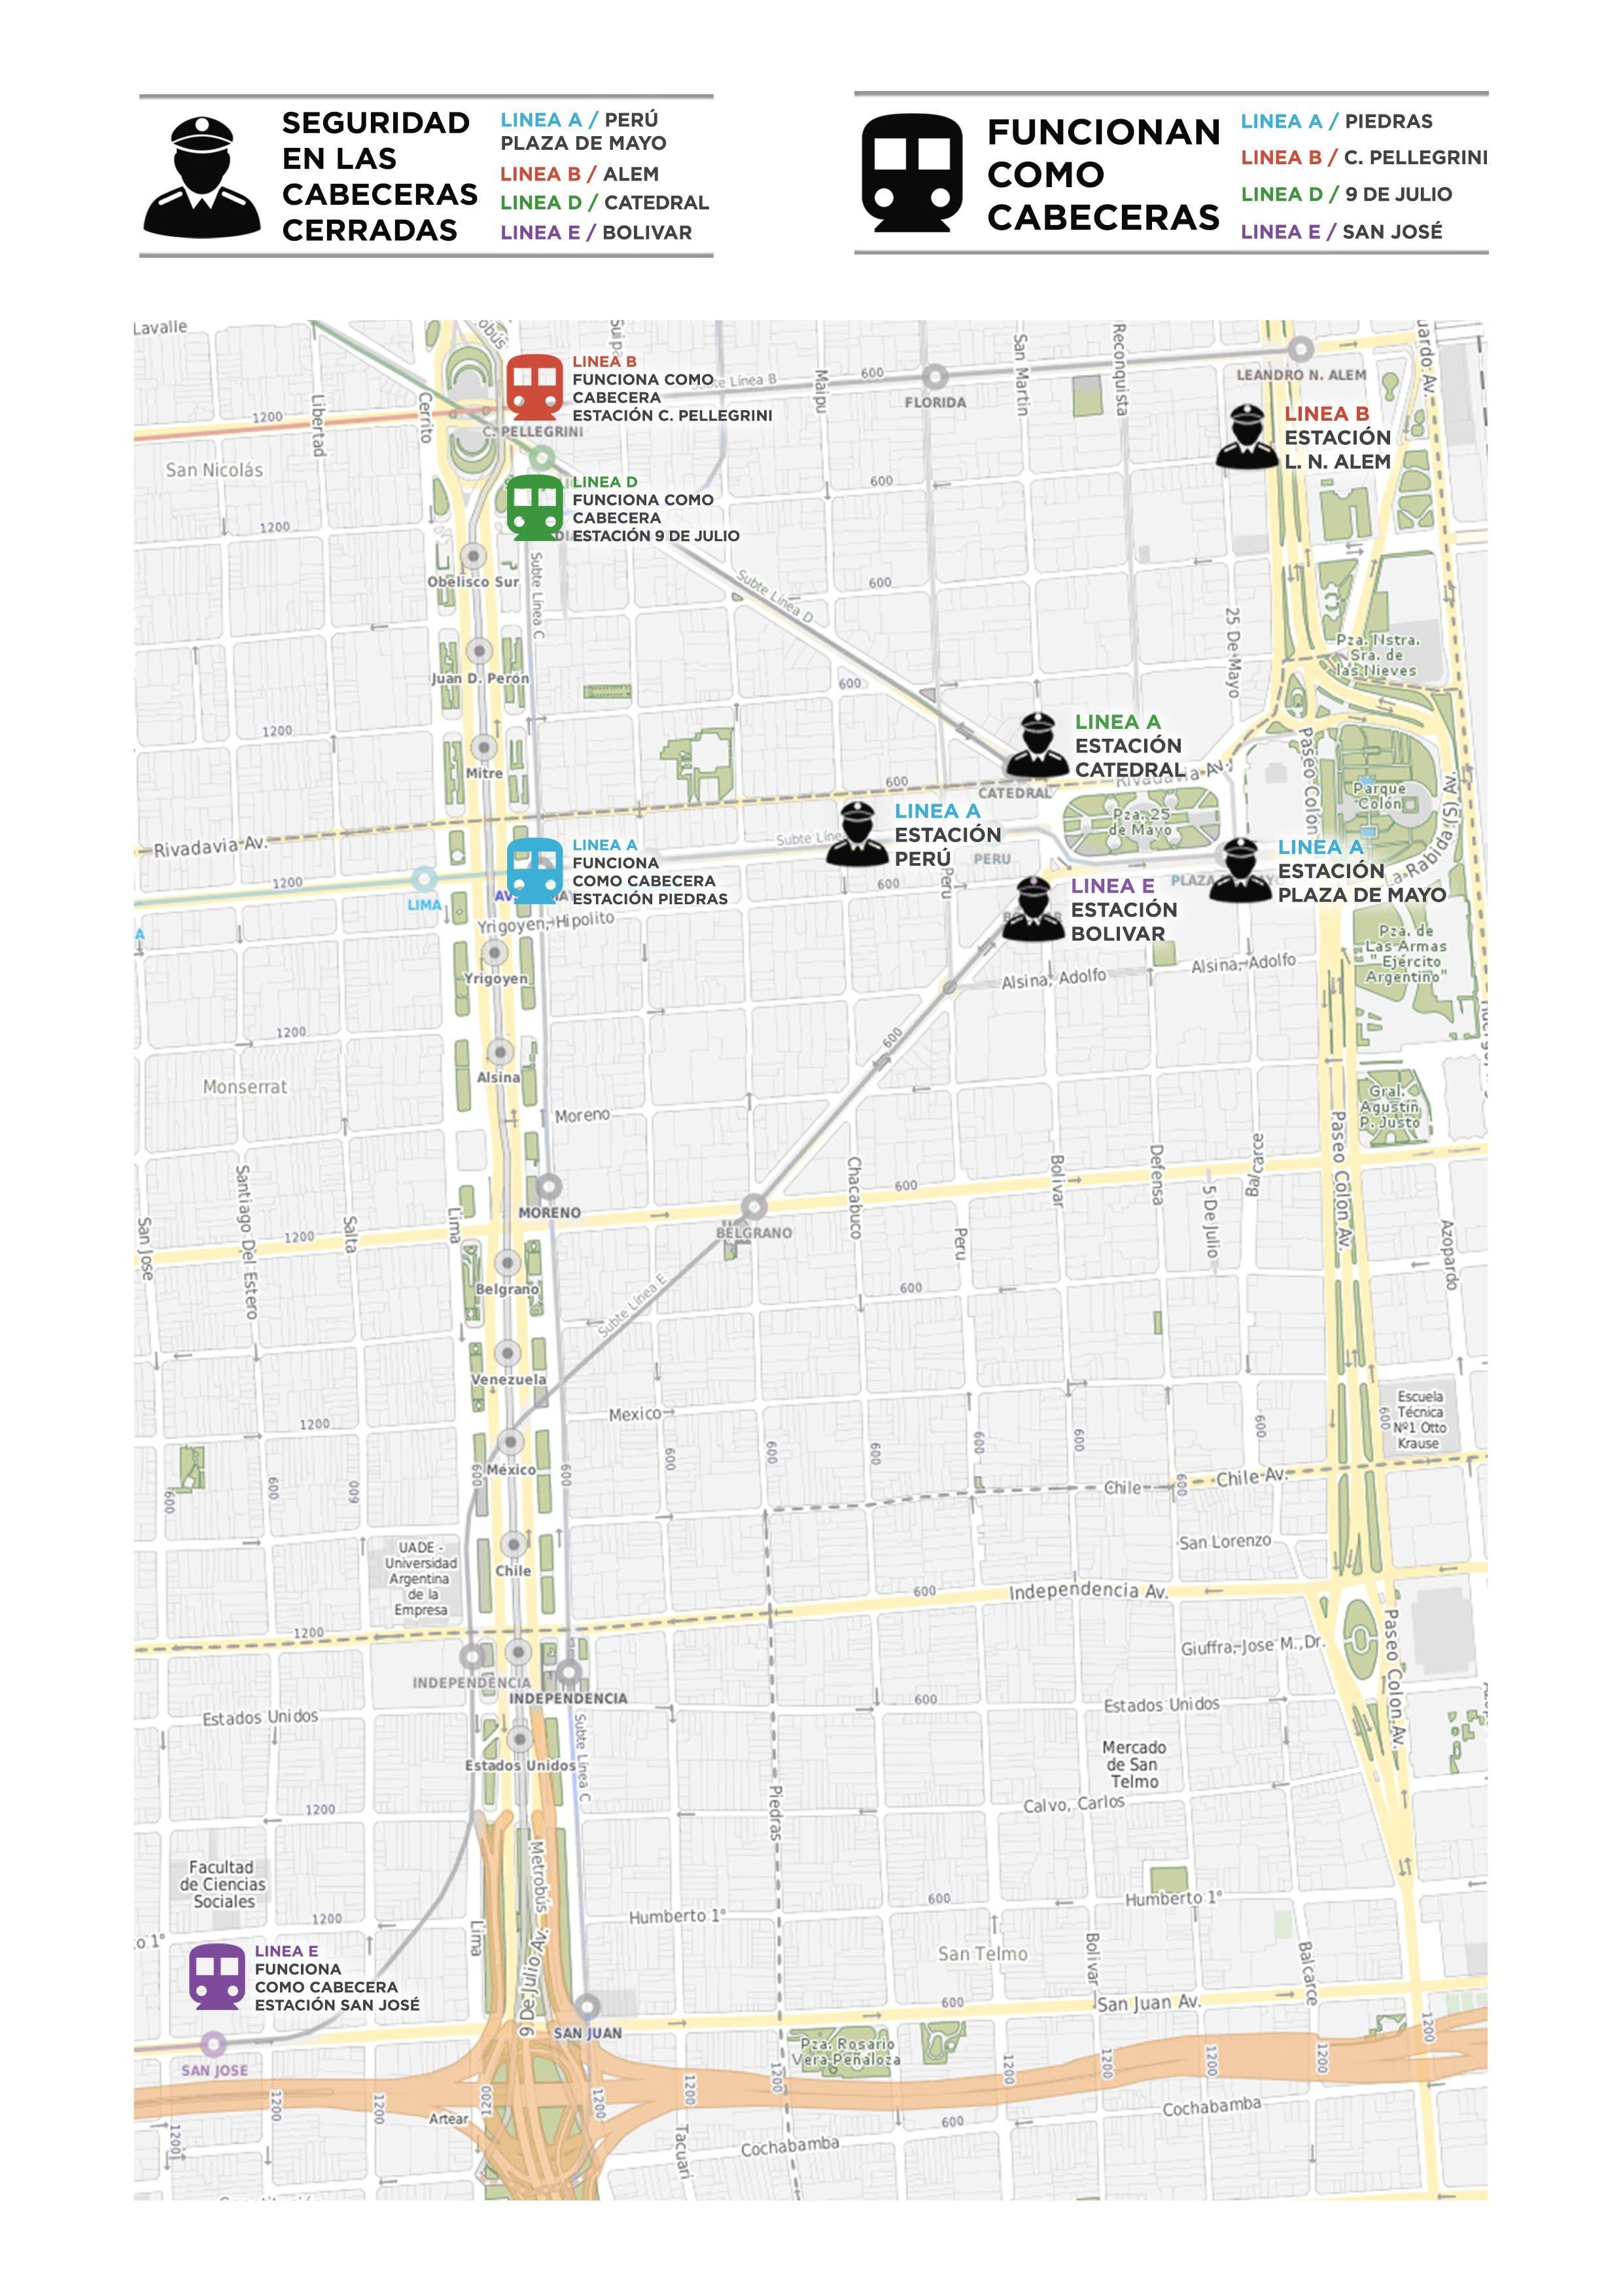 Por La Visita De Barack Obama Estarán Cerradas Varias Estaciones - Argentina subte map